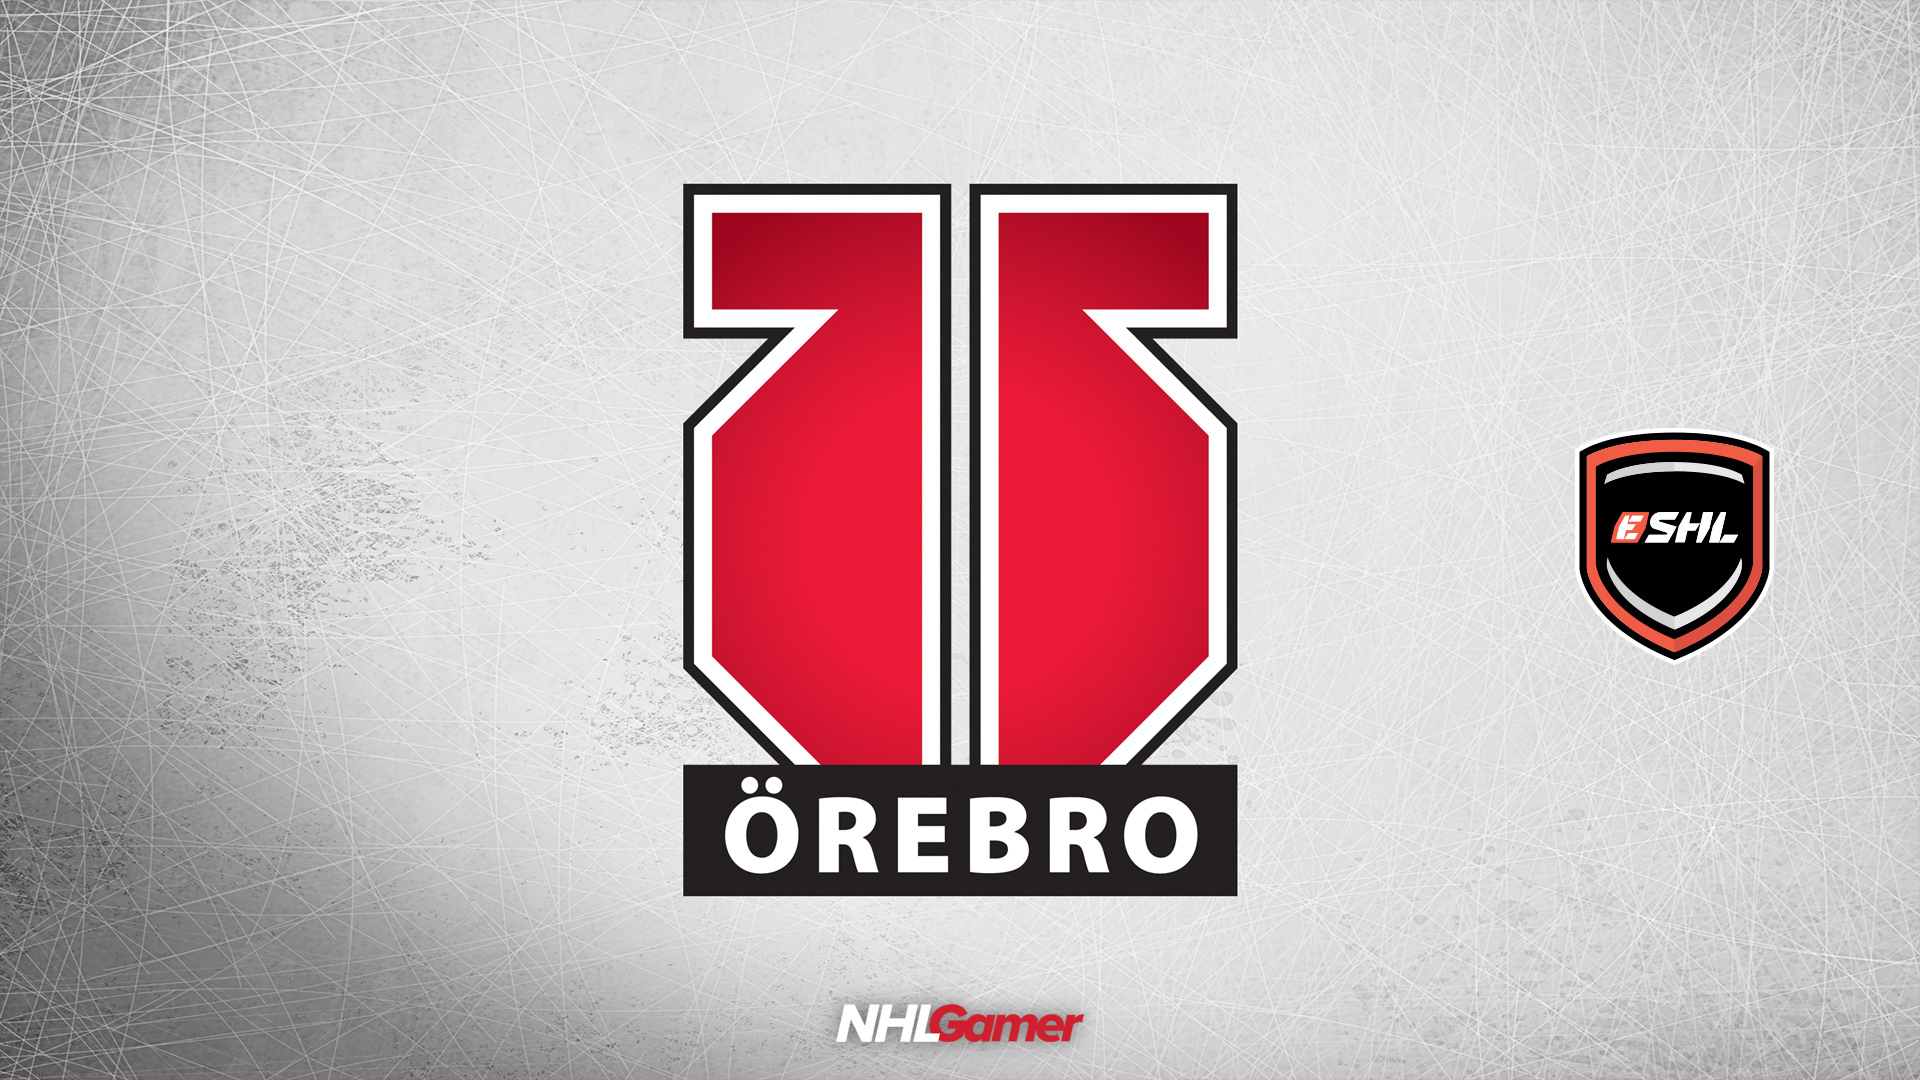 Orebro_Hockey_Cover.jpg